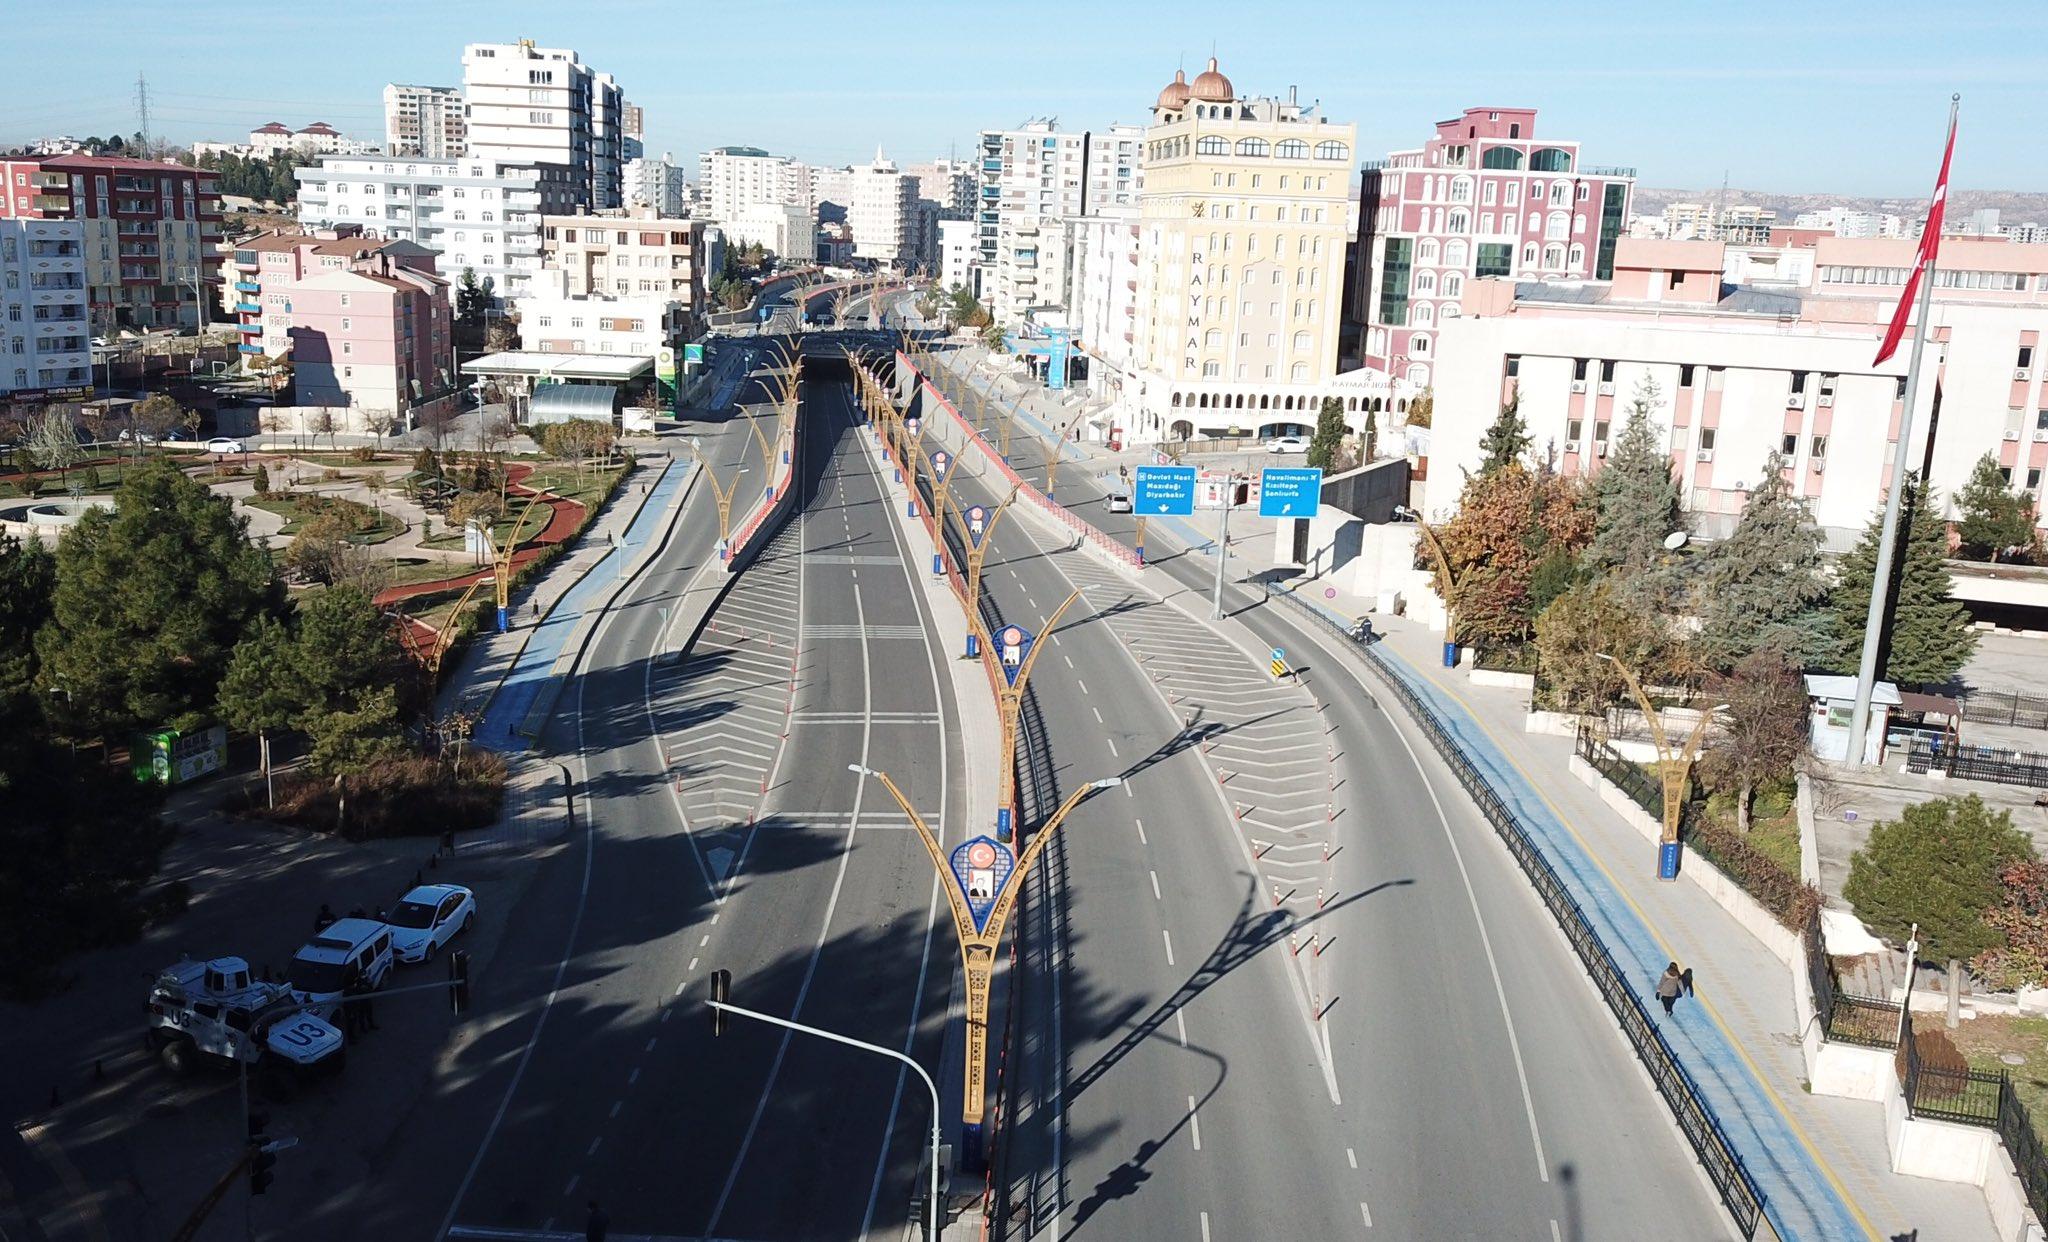 Mardin'de hafta sonu cadde ve sokaklar boş kaldı